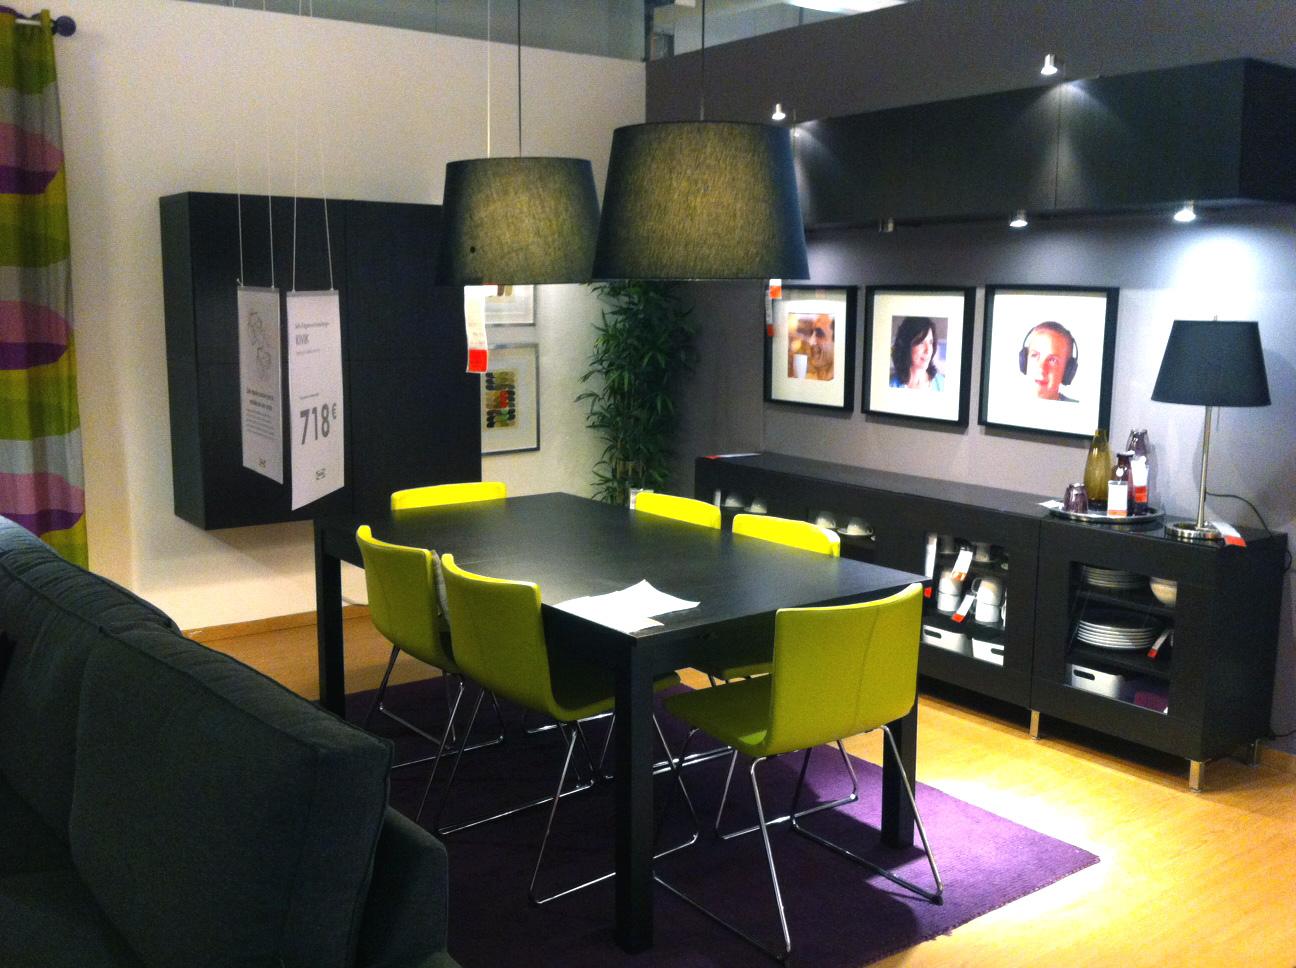 Bricolage e Decoração: Ikea: Sala Decorada com Móveis Escuros e